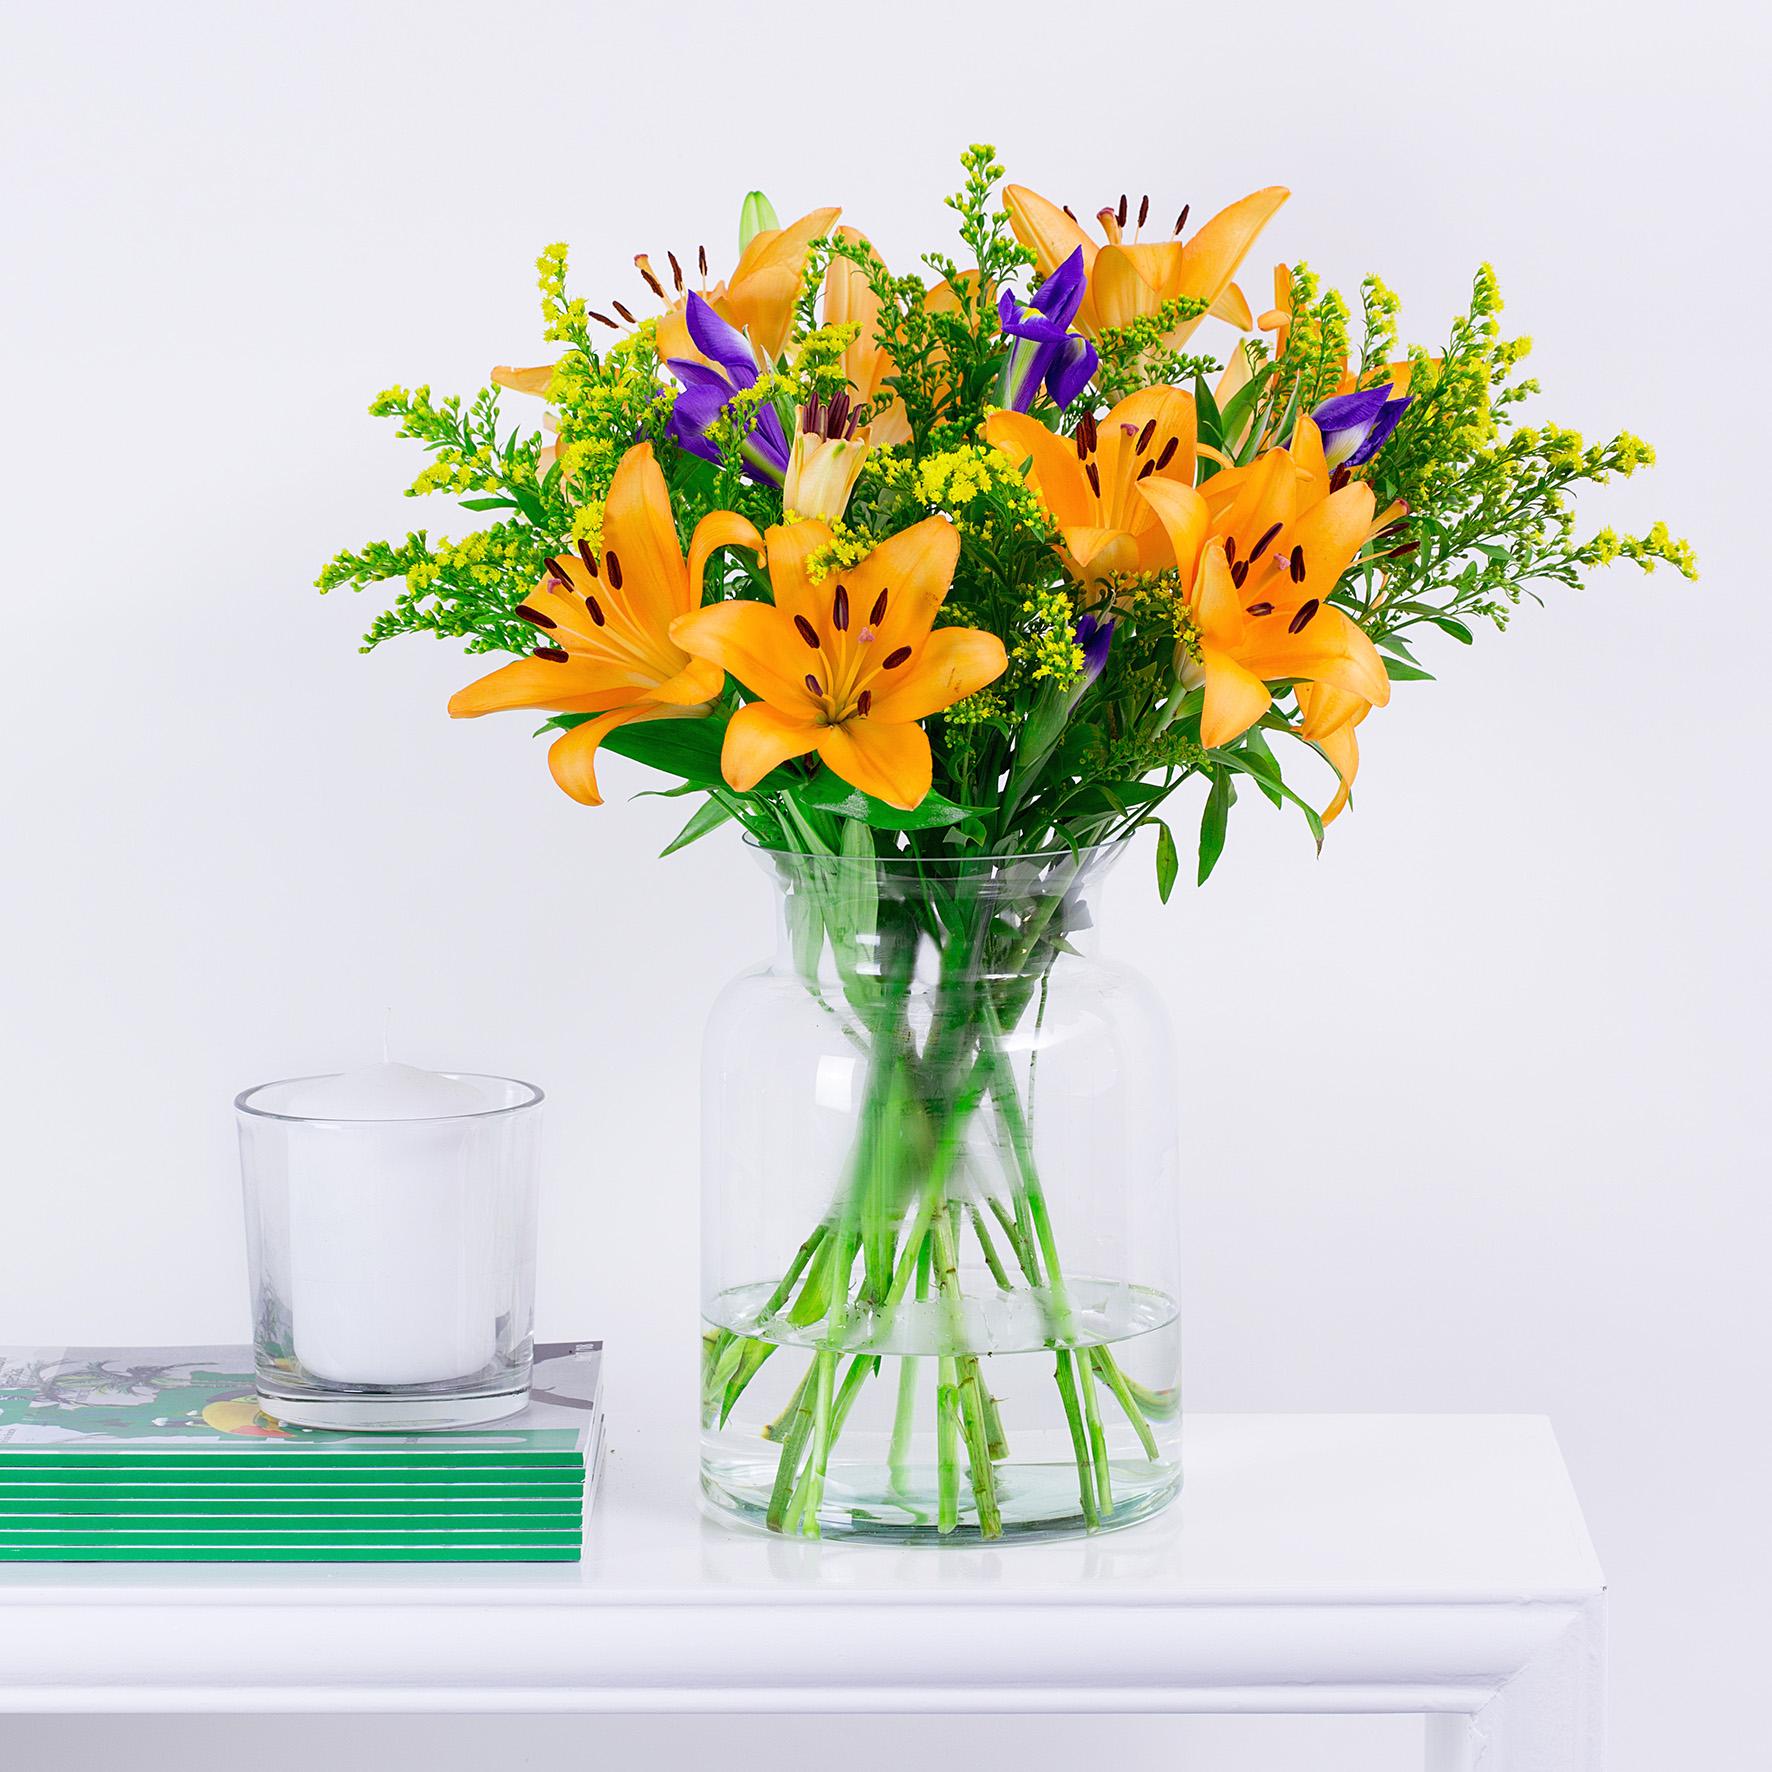 Blumen der Woche: Flaming Sky. Lilien, Iris und Solidago